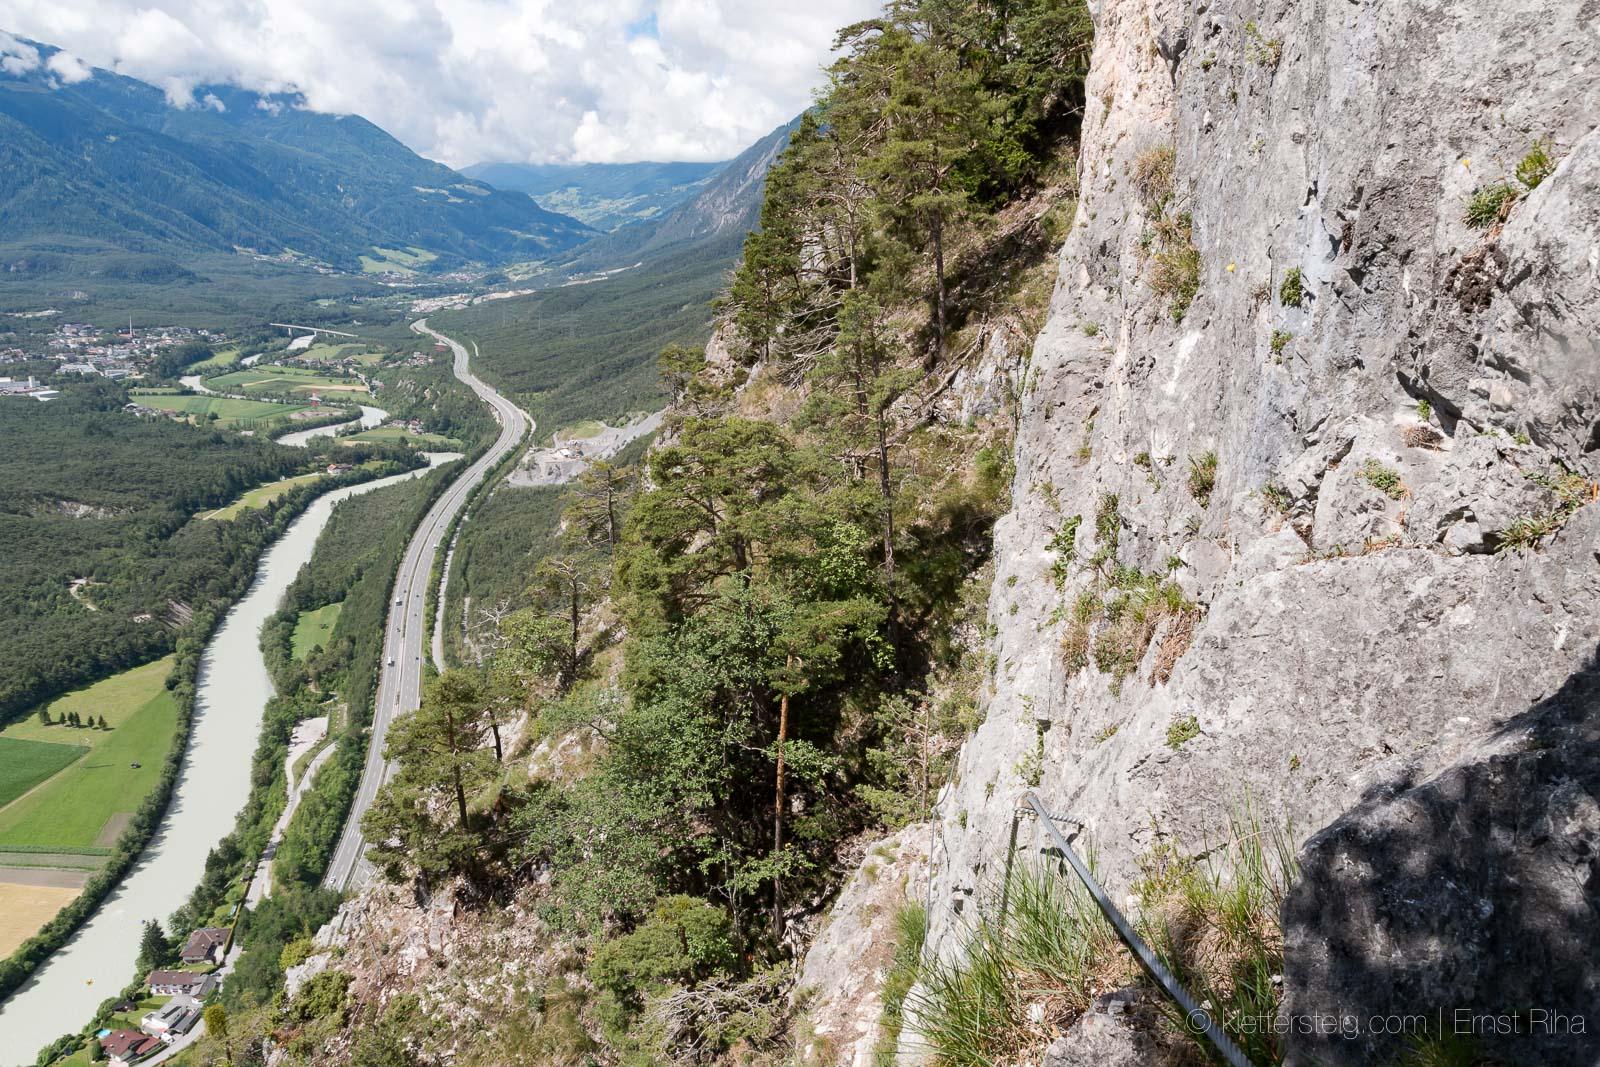 Klettersteig Geierwand : 1. juli geierwand klettersteige